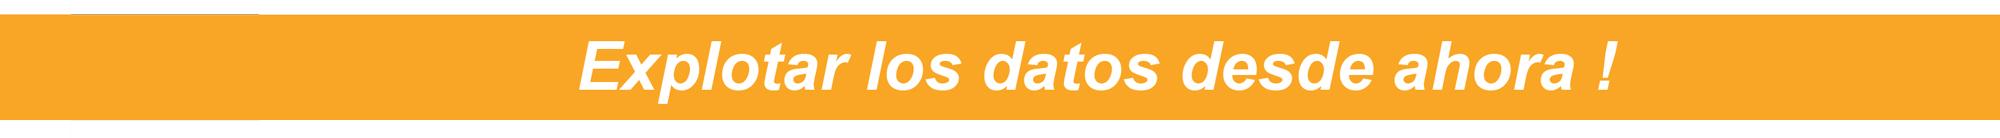 Explotar los datos desde ahora